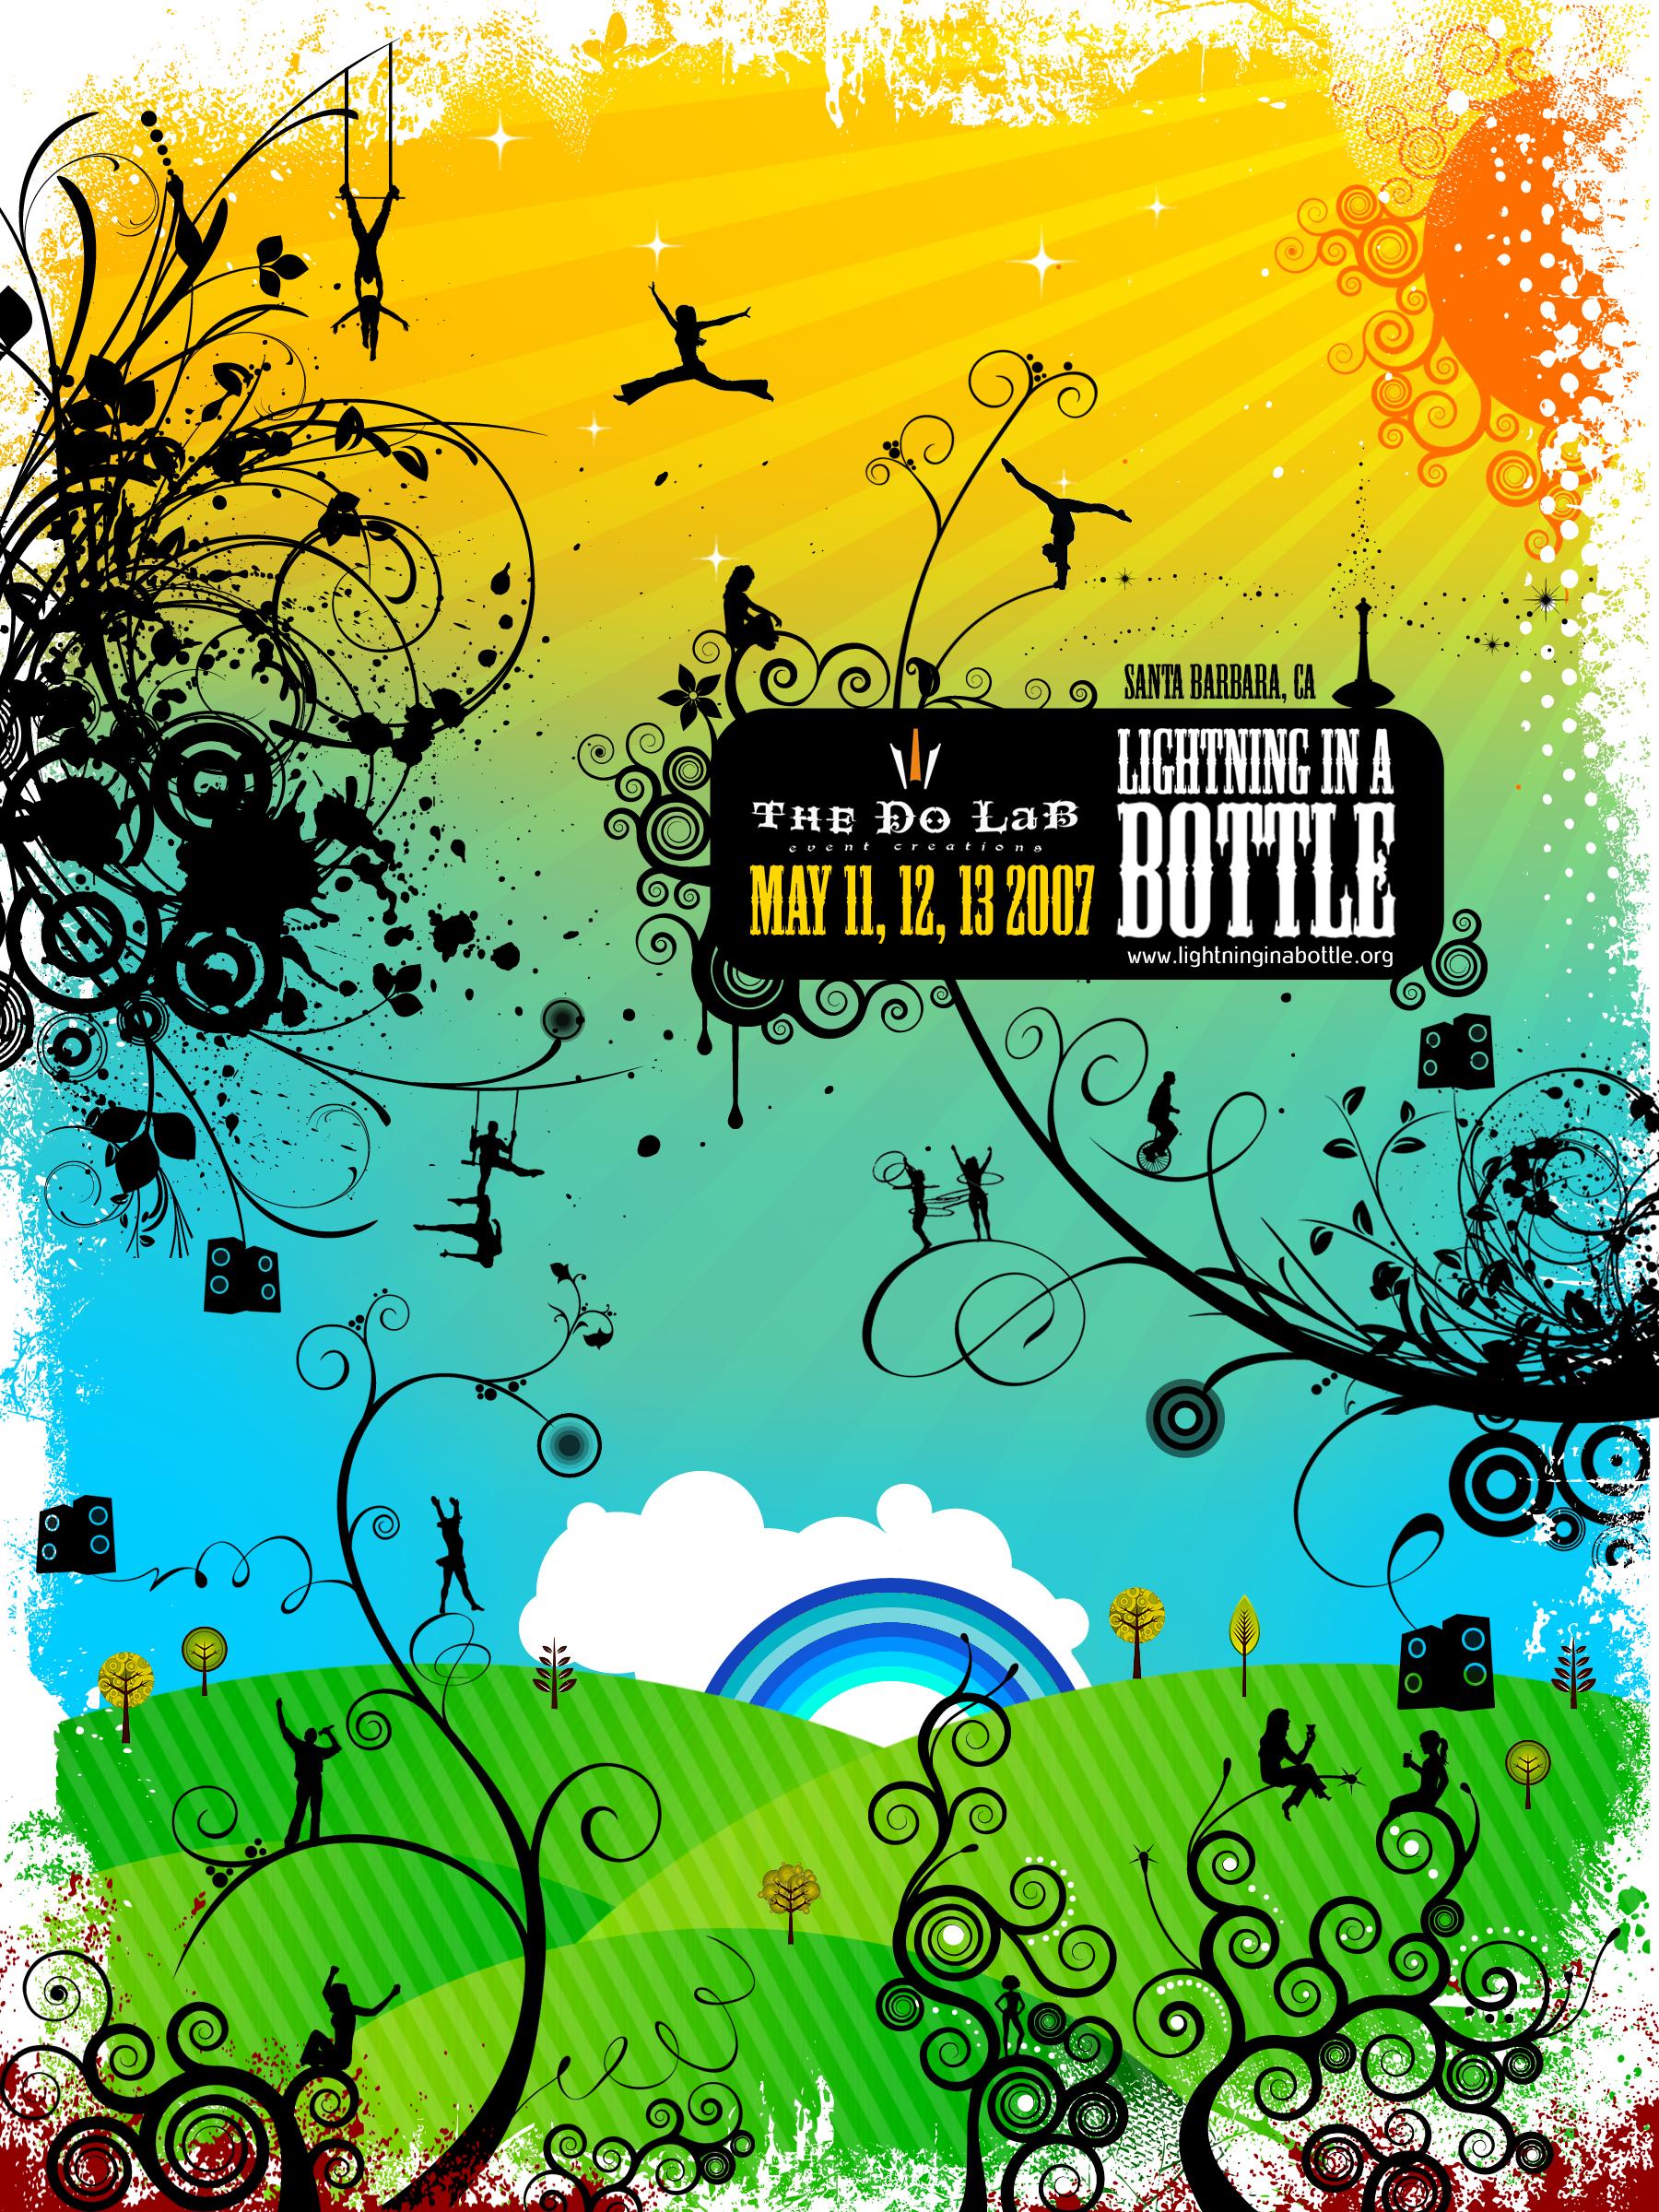 Lightning in a Bottle 2007 – Poster Winner